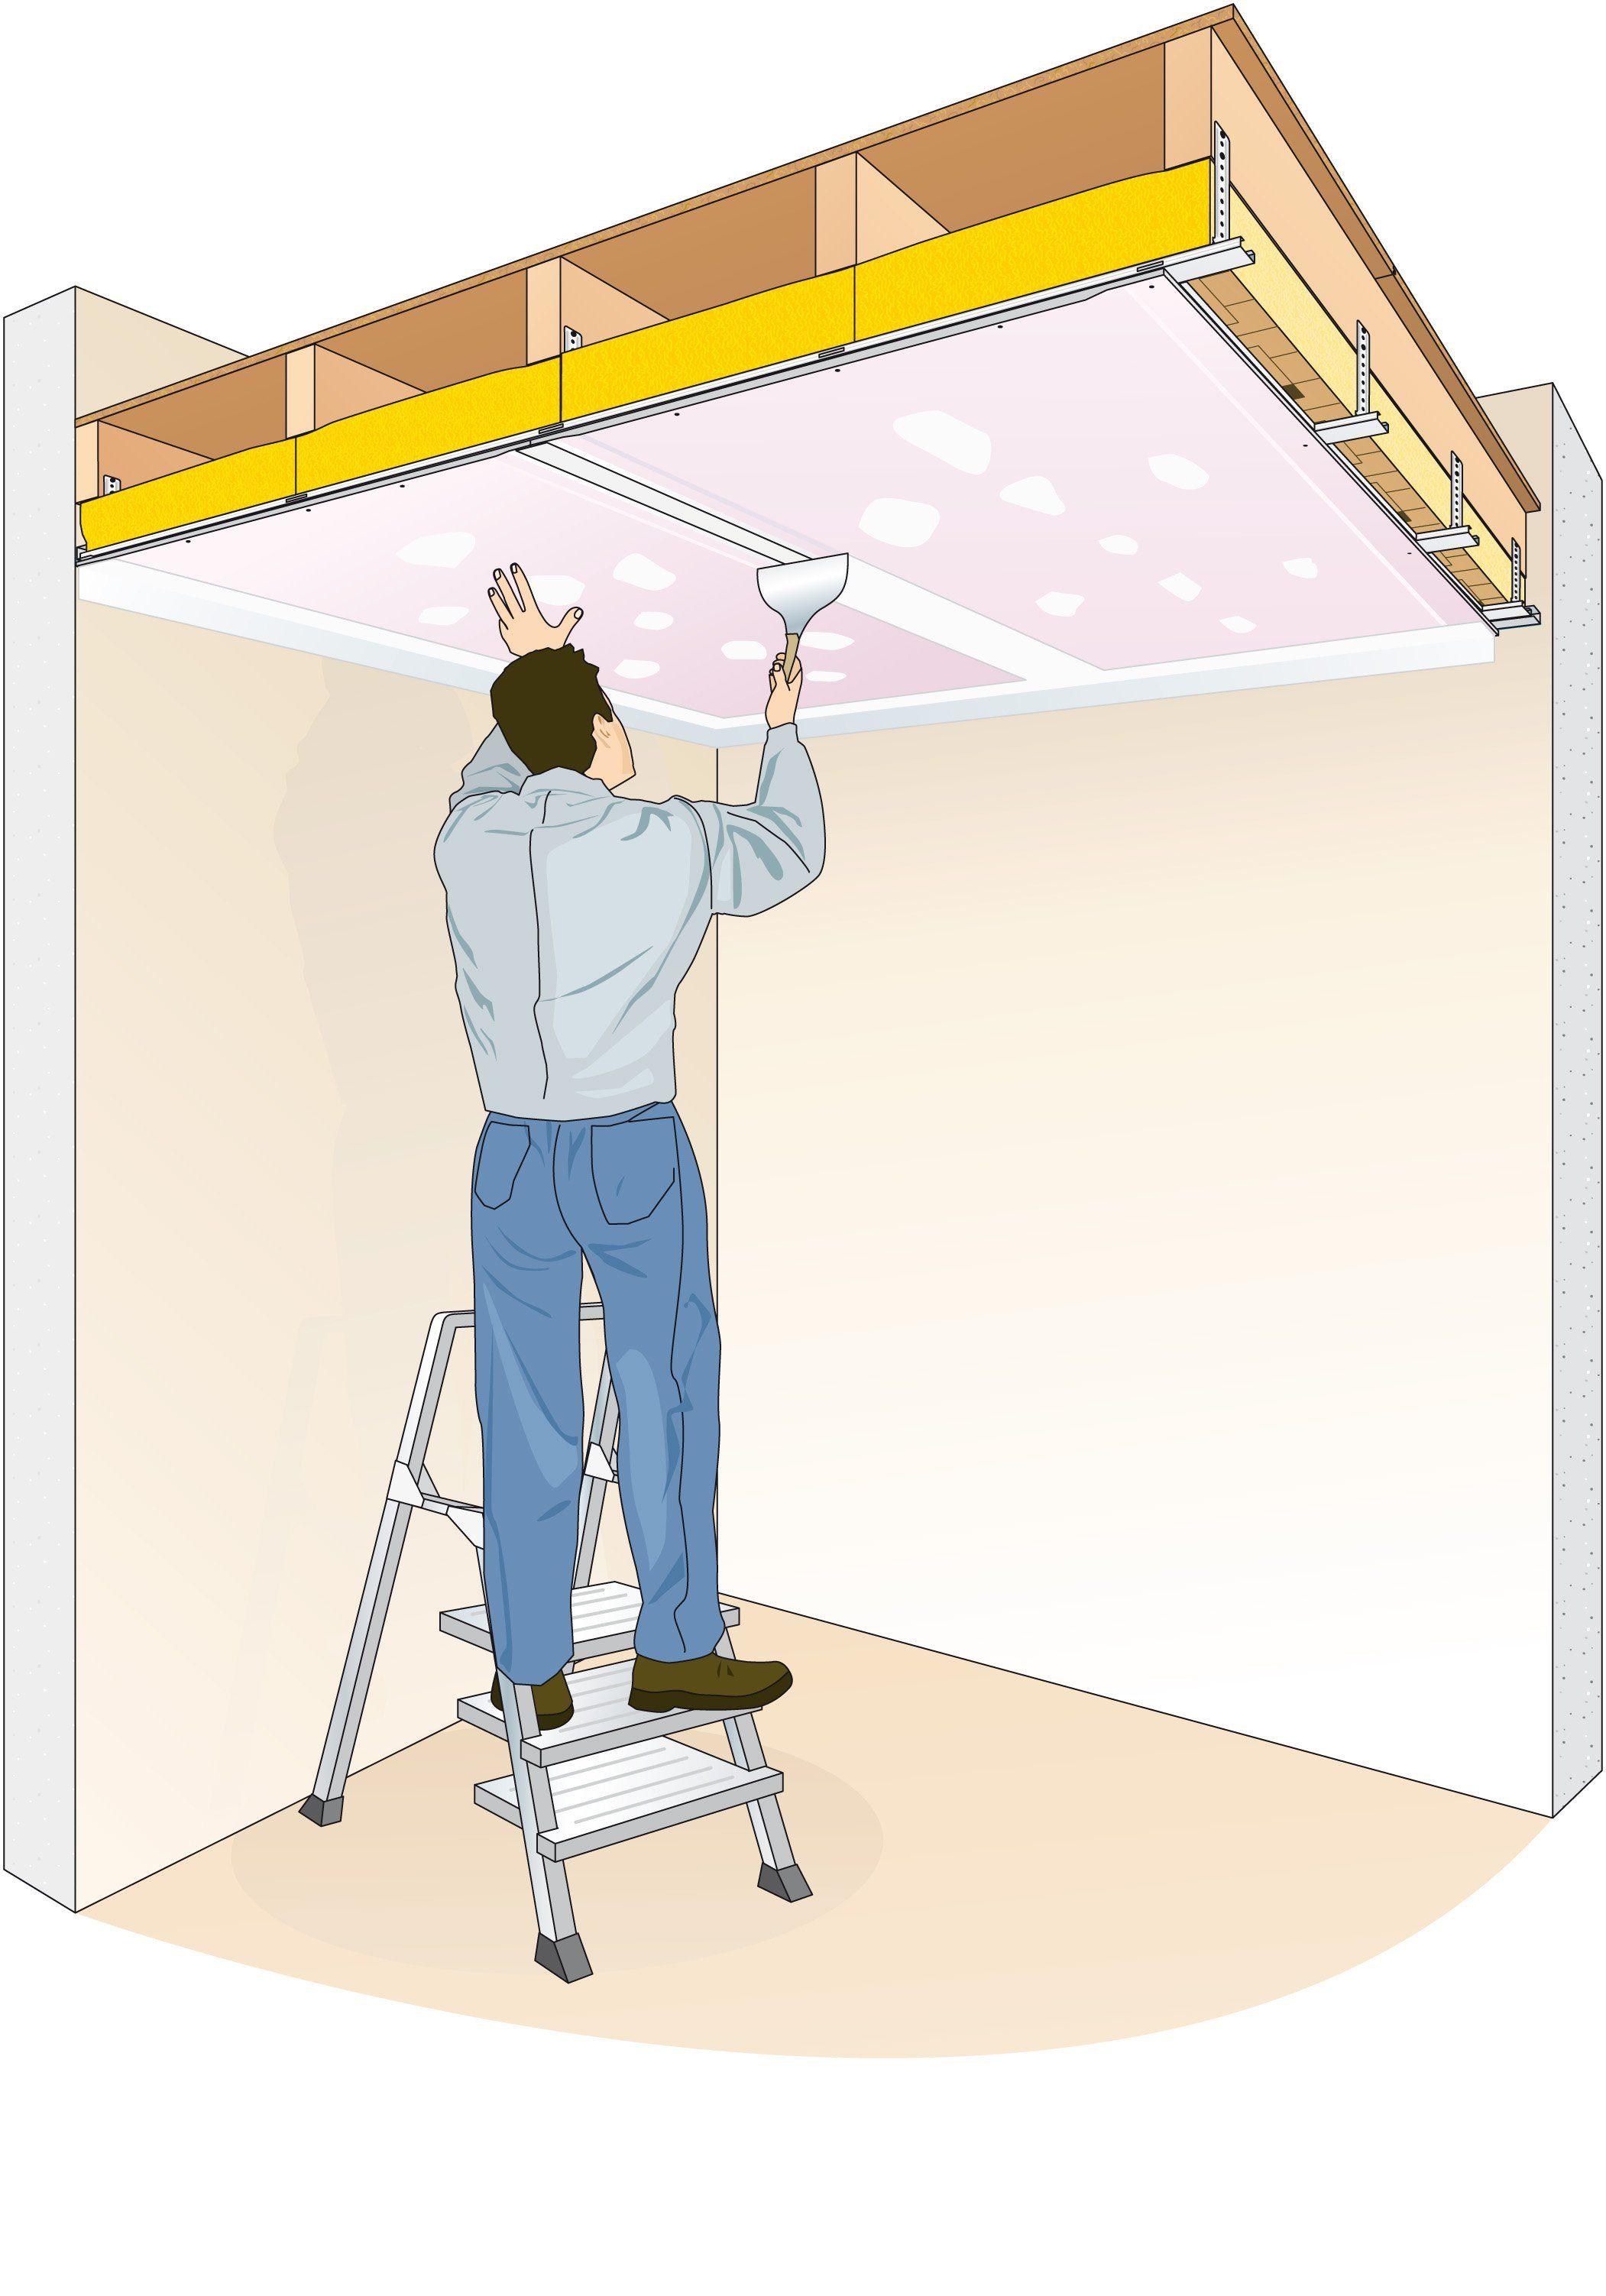 Comment Realiser La Pose D Un Plafond Placo Decouvrez La Mise En œuvre Du Plafond Prf Stil F530 Caracteristiques Faux Plafond Salon Plafond Cloison Placo